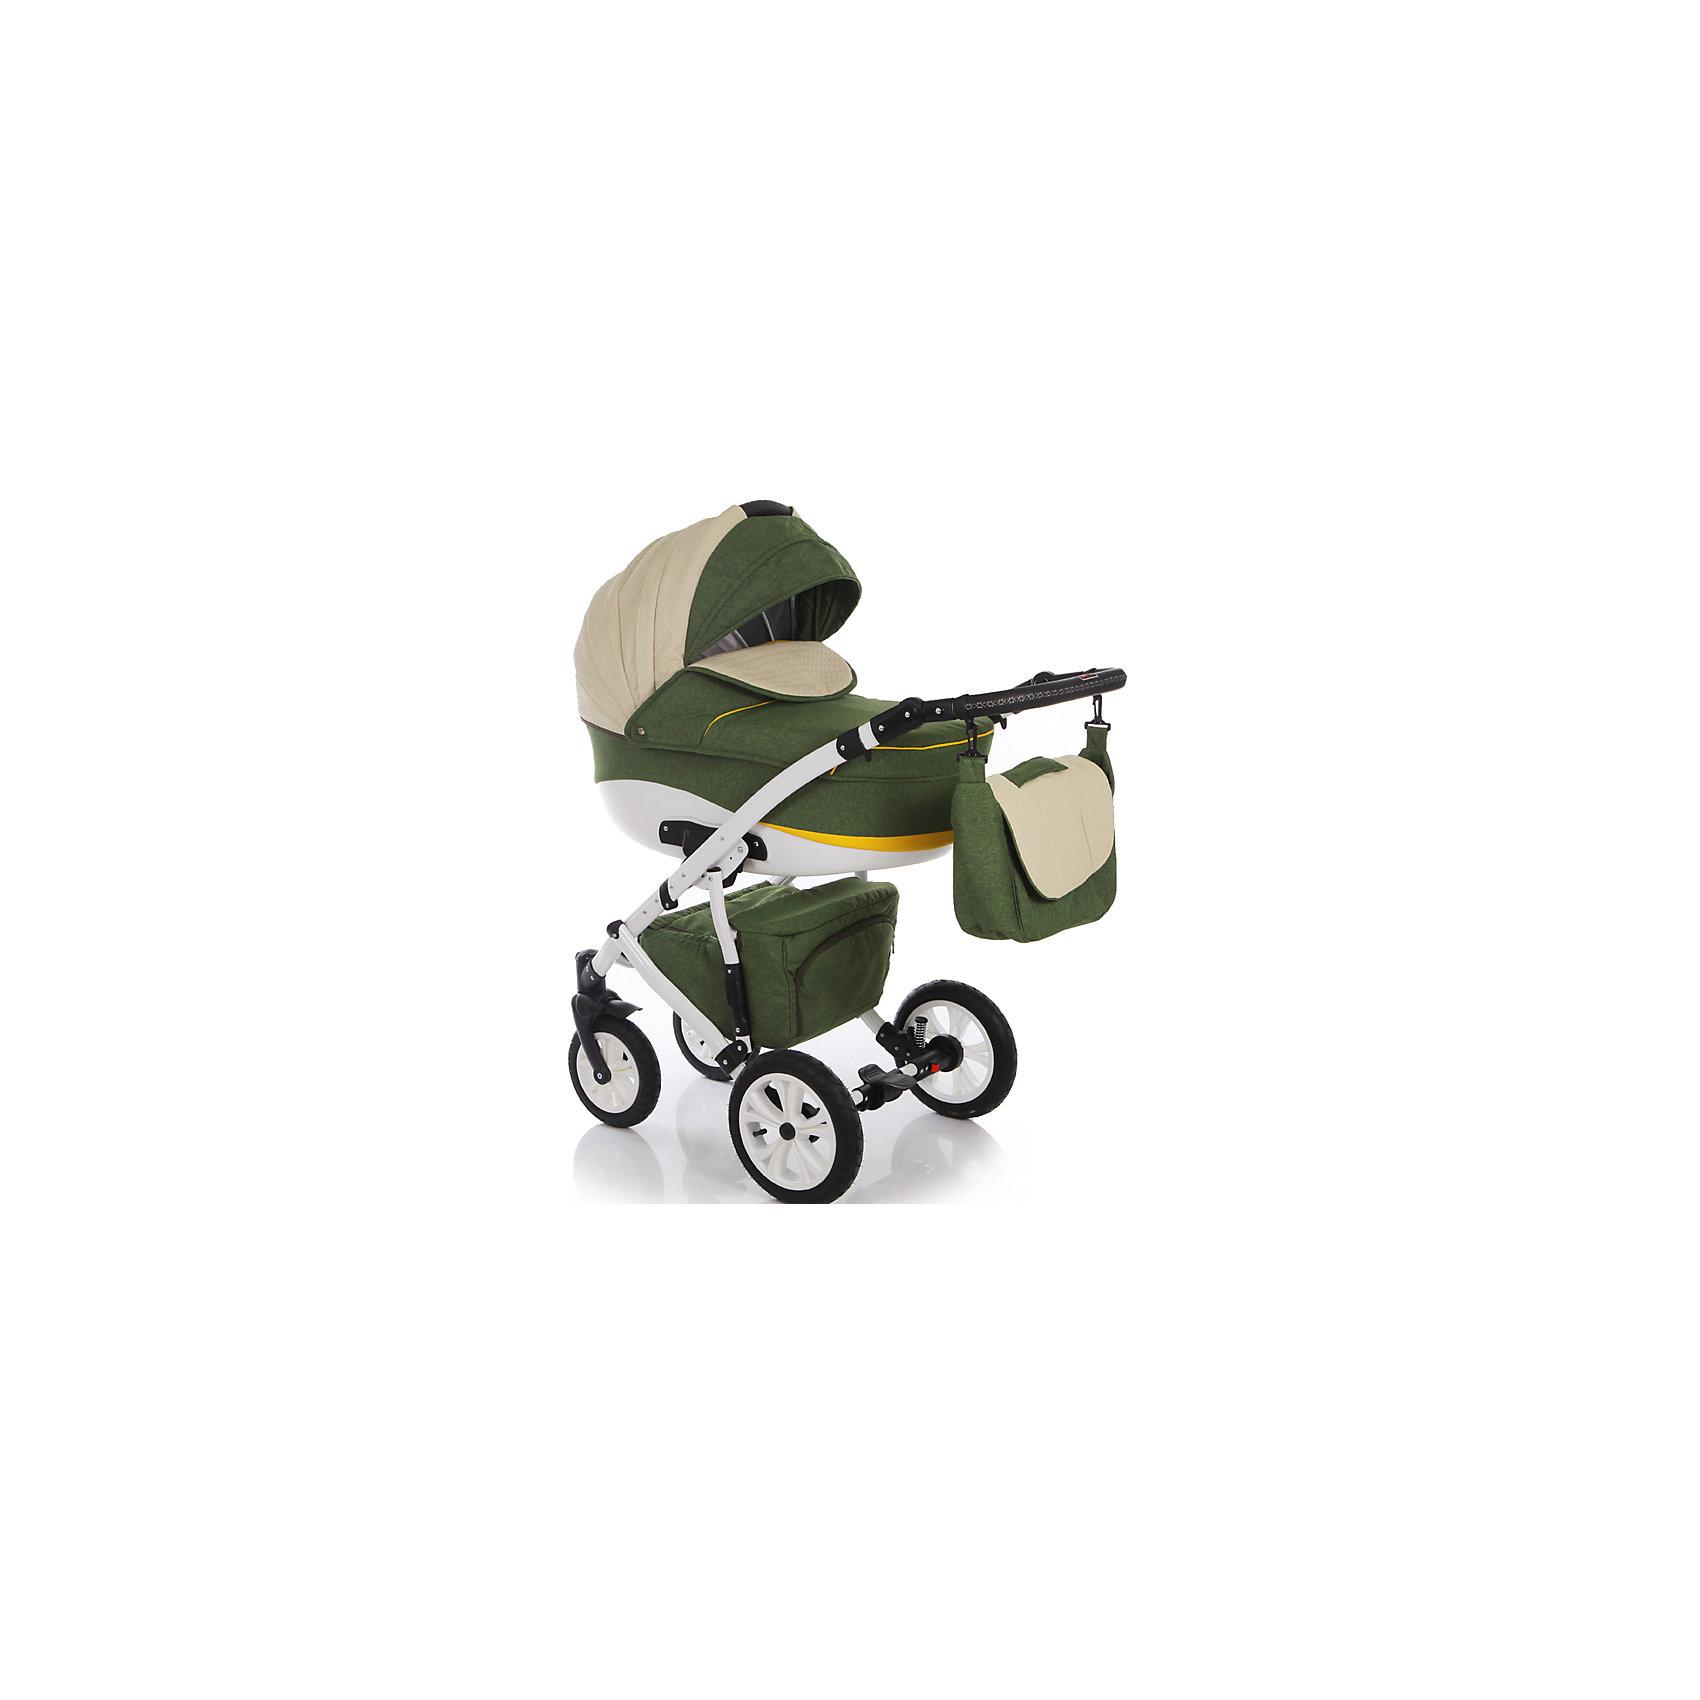 Коляска 2 в 1 FABIO, Ifratti, т.зелёный/жёлтыйIfratti Fabio - манёвренная и лёгкая  в управлении коляска на алюминиевой раме и с возможностью установки автомобильного кресла. Неповторимый дизайн  никого не оставит  равнодушным. Оригинальный вариант сочетания теснённой кожи с тканью лён– обратит на себя внимание даже самого предвзятого покупателя. Для  детей с рождения до трёх лет. Конструкция рамы имеет мягкую подвеску передней и задней оси, удобную, регулируемую по высоте ручку, с обшивкой из эко кожи, а так же – большую, металлическую вместительная корзину-сетку для покупок. Капоры люльки и прогулочного блока, оснащены тихой системой регулировки, имеют складной, солнцезащитный козырёк, отстёгиваемый сегмент обивки, под которым находится большое вентиляционное окно с москитной сеткой, что особенно важно в жаркие летние дни.Оба модуля коляски, устанавливаются на раме поочерёдно, в двух направлениях – лицом, либо спиной по направлению движения. <br><br>Особенности:<br>Переносная люлька для детей с рождения до 6 месяцев:<br>- Просторная пластиковая люлька 42/85 см) с регулируемым подголовником;                   <br>- Люлька устанавливается в 2х направлениях лицом к маме, лицом к дороге;           - Простая и удобная система крепления на раму;<br>- Съемная подкладка из 100% хлопка, с возможностью стирки;<br>- Капюшон складной, съемный с вентиляционным окошком;<br>- Опускающийся козырёк для защиты от непогоды;<br>- Бесшумная система складывания капора;<br>- Кожаная ручка, для использования люльки в качестве переноски;<br>- Размер спального места ДхШхВ: 82 см х 39 см х 23см.Прогулочный блок для детей от 6 месяцев  до 3-х лет;<br>- Удобное, широкое посадочное место;<br>- Полная регулировка спинки до положения лёжа;<br>-  Регулировка подножки по высоте;<br>- Пятиточечные ремни безопасности;<br>- Съёмный передний поручень с разделительной перемычкой между ножек;<br>- Регулировка ручки по высоте;<br>- Надежный центральный тормоз.<br><br>Комплектация: <br>- Люлька;<br>- Прог